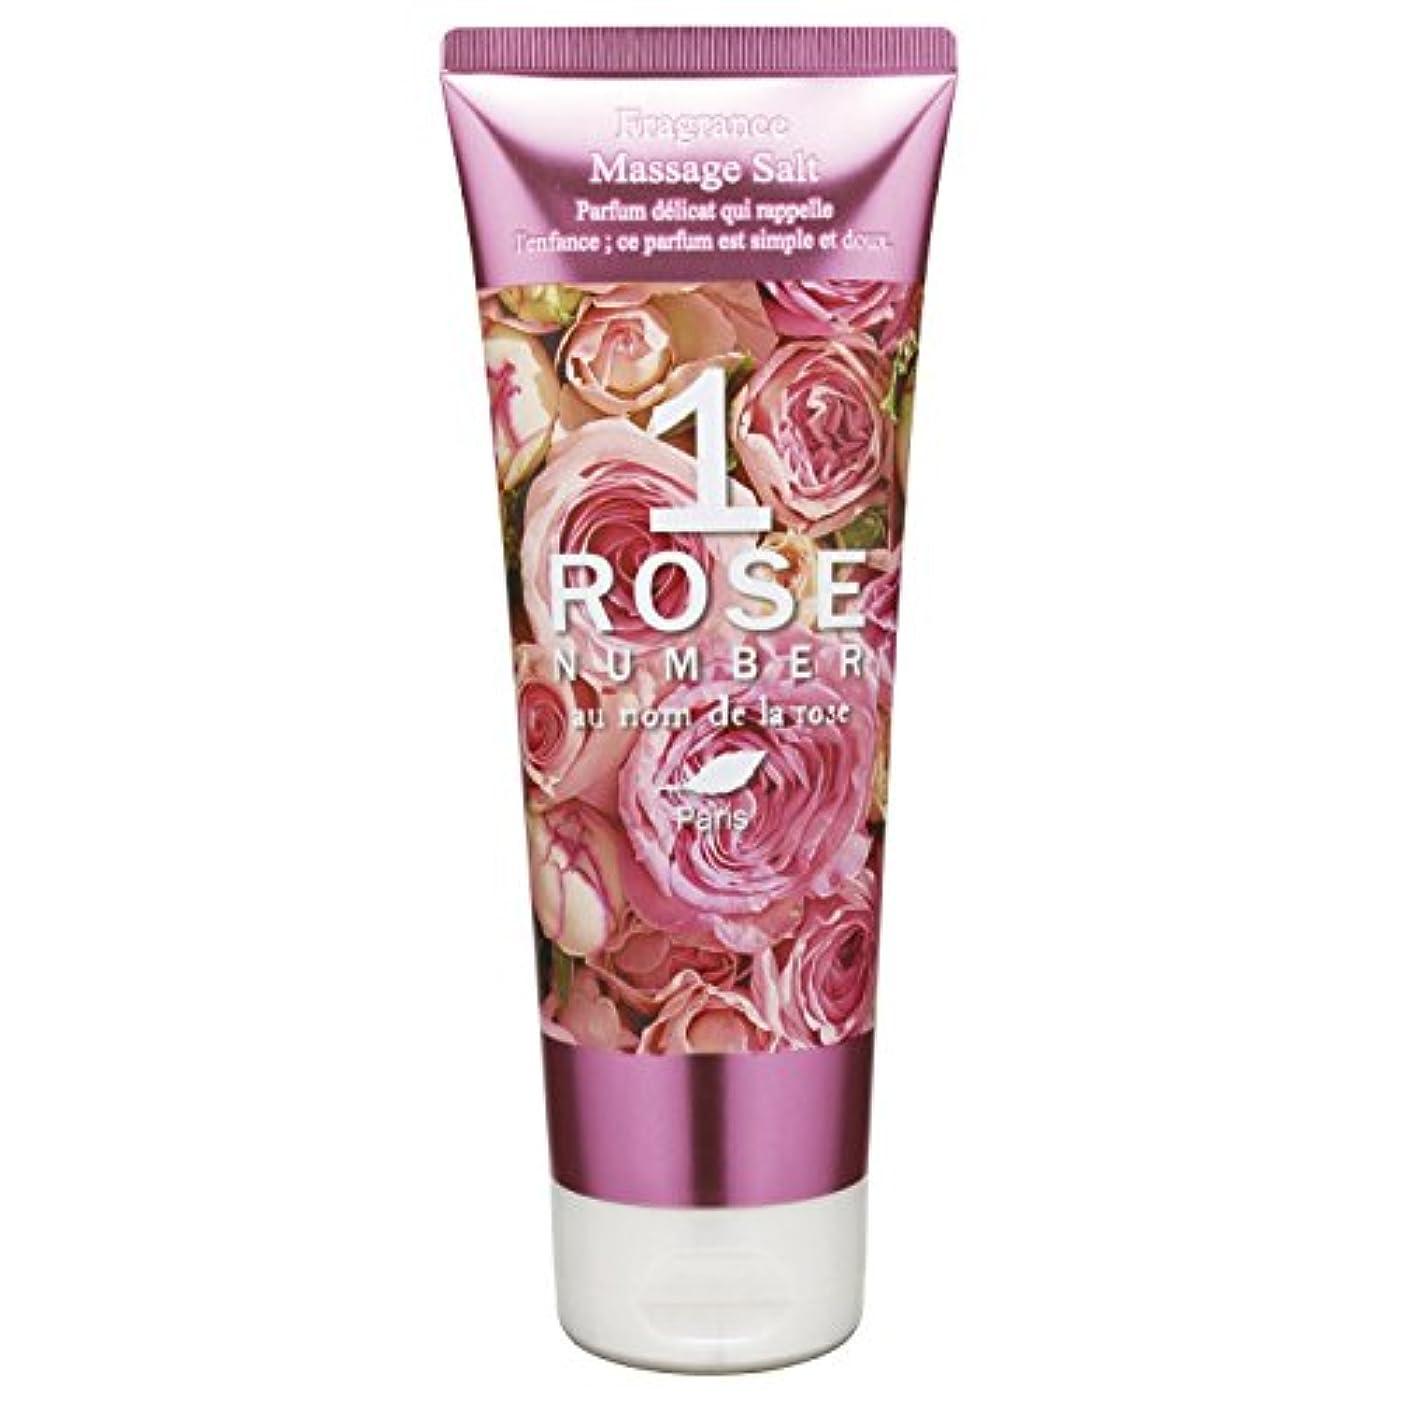 ROSE NUMBER スクラブモイストバスソルト NO1 ピュアなバラの香り (250g)